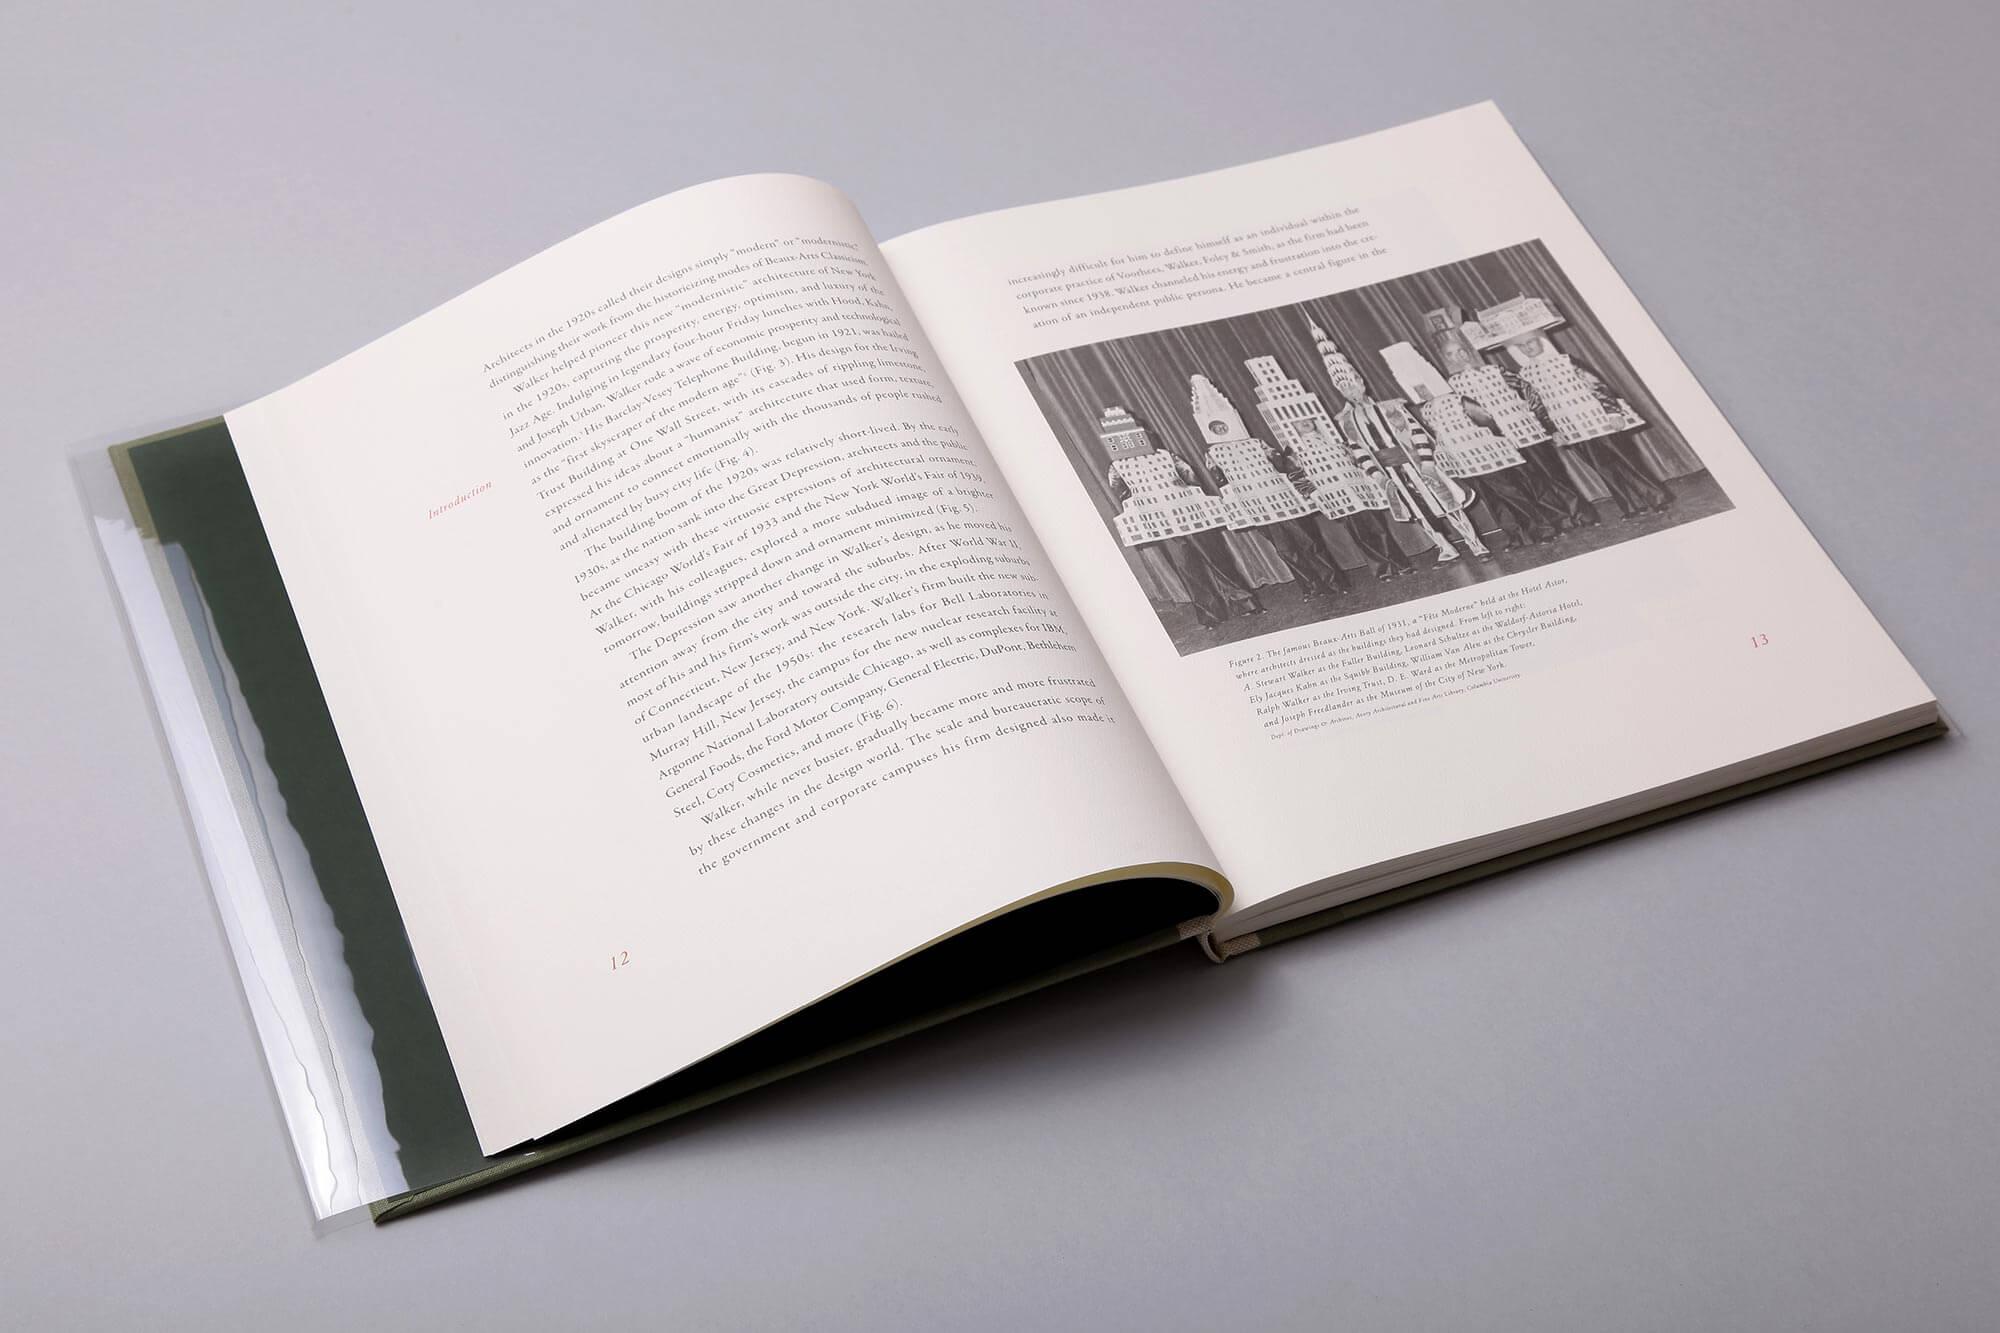 walker-tower-book-2000x1333-2